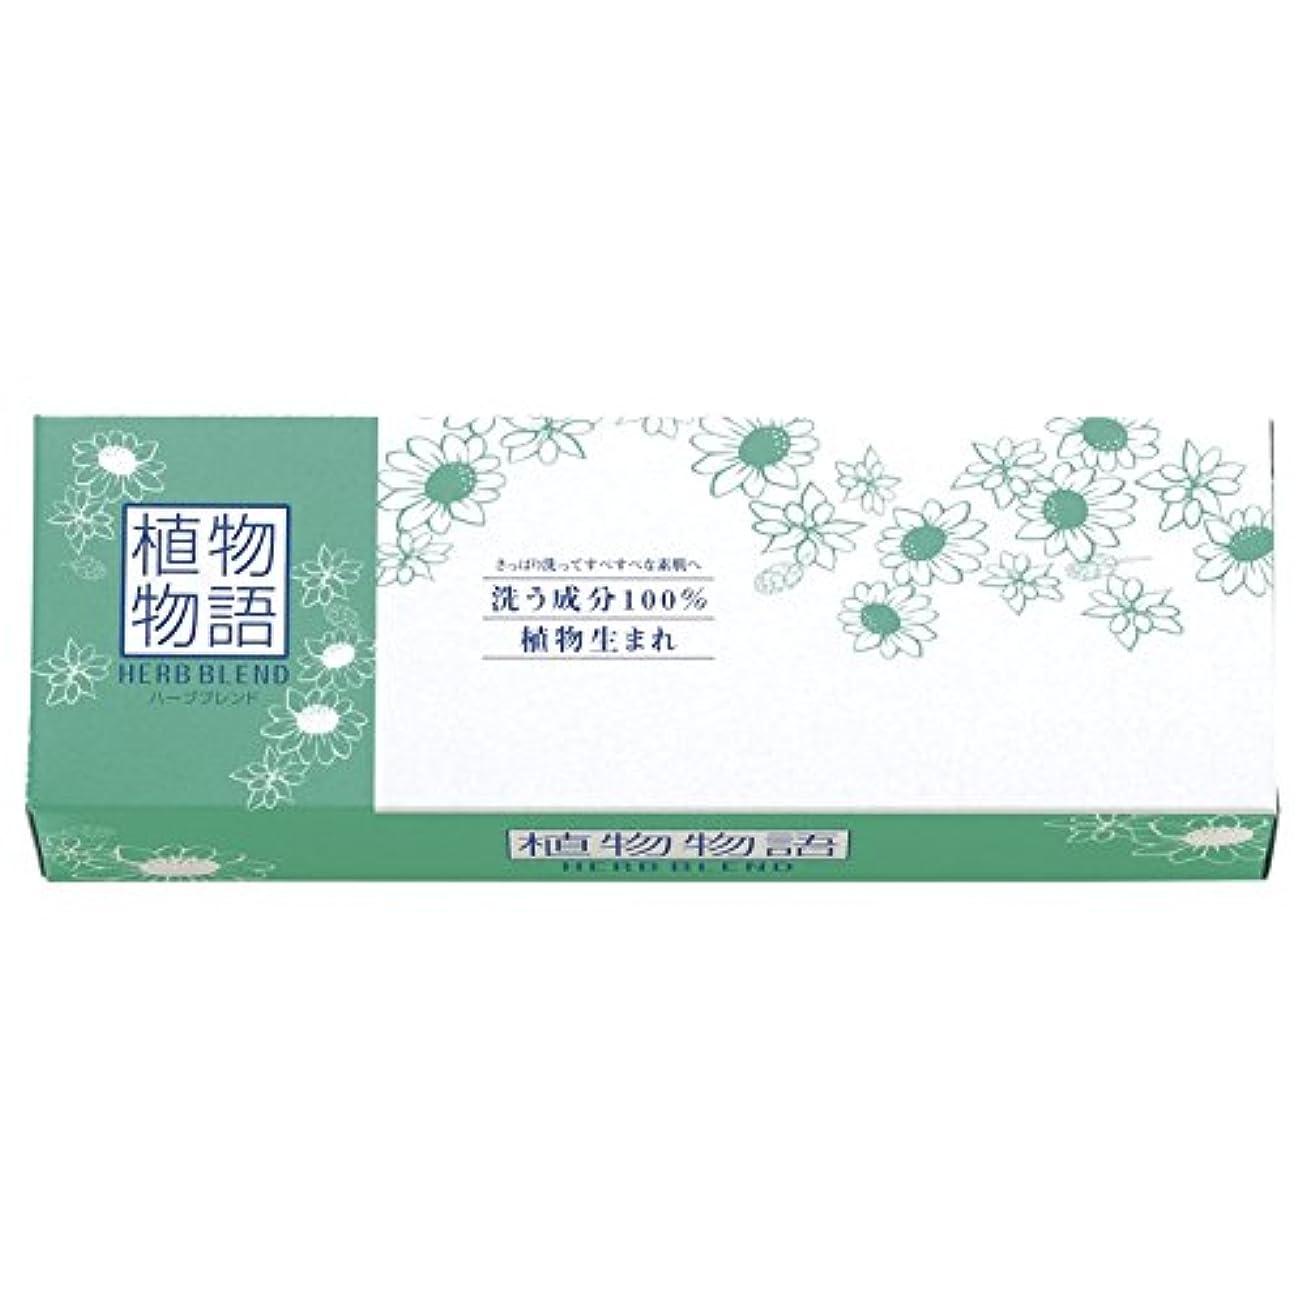 面倒統計溶接ライオン 植物物語ハーブブレンド化粧石鹸2個箱 KST802 【粗品 天然素材 ハーブ 2個 固形石鹸 からだ用 ハーブ 優しい お風呂 こども やさしい 石けん せっけん】